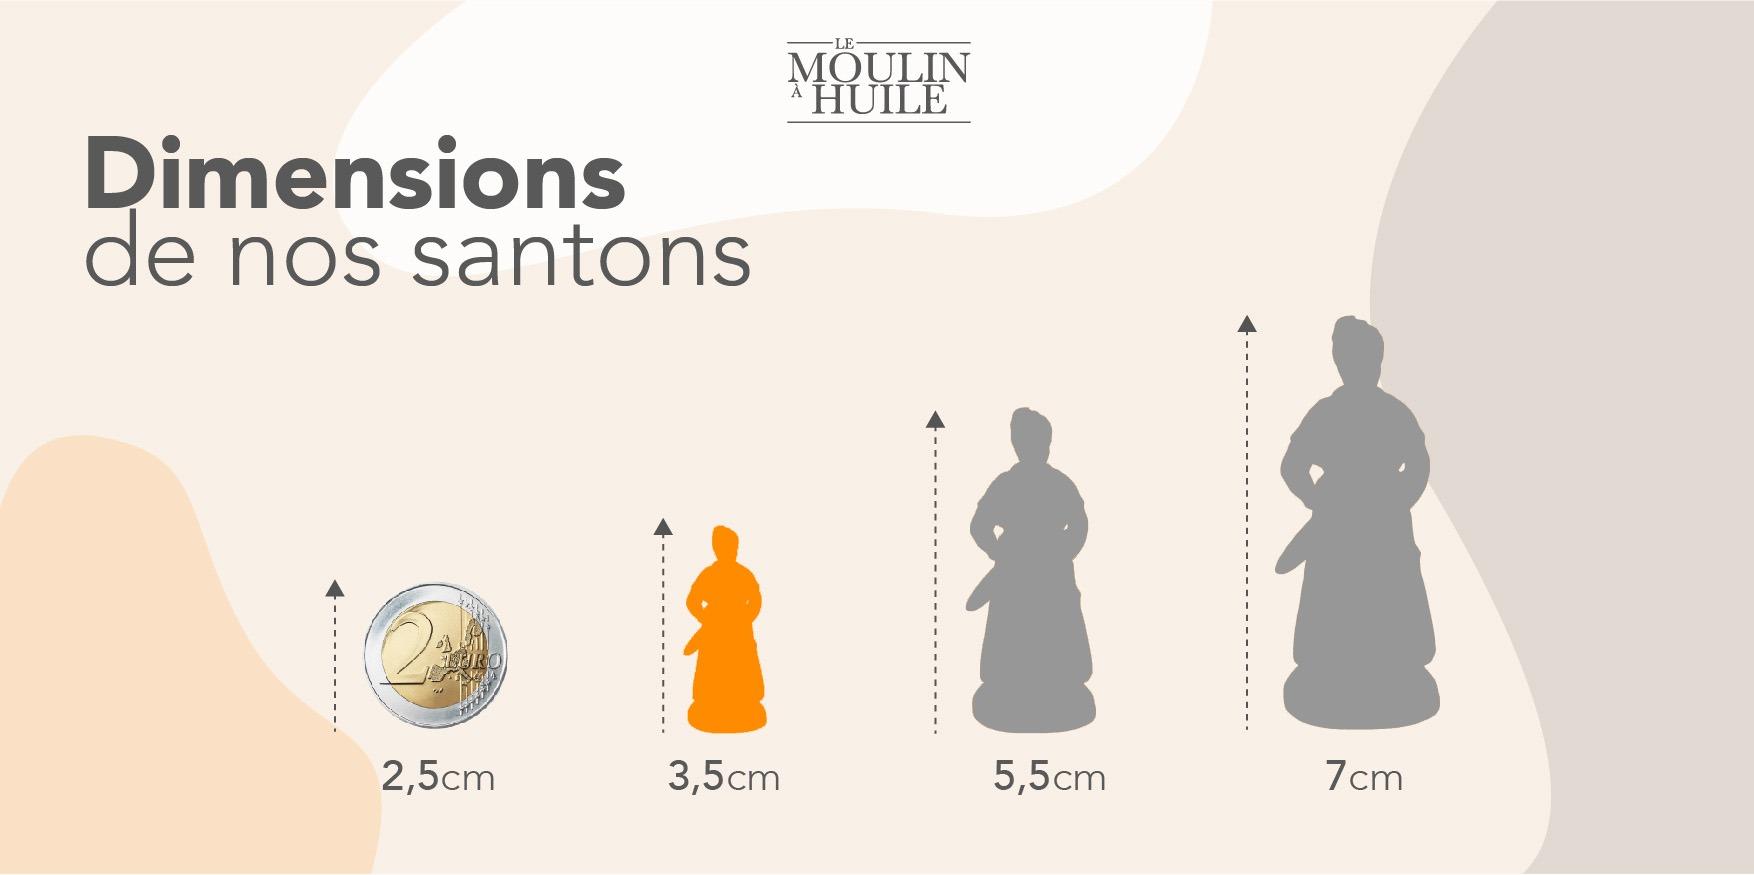 Dimensions santons de Provence 3,5cm - Le Moulin à Huile